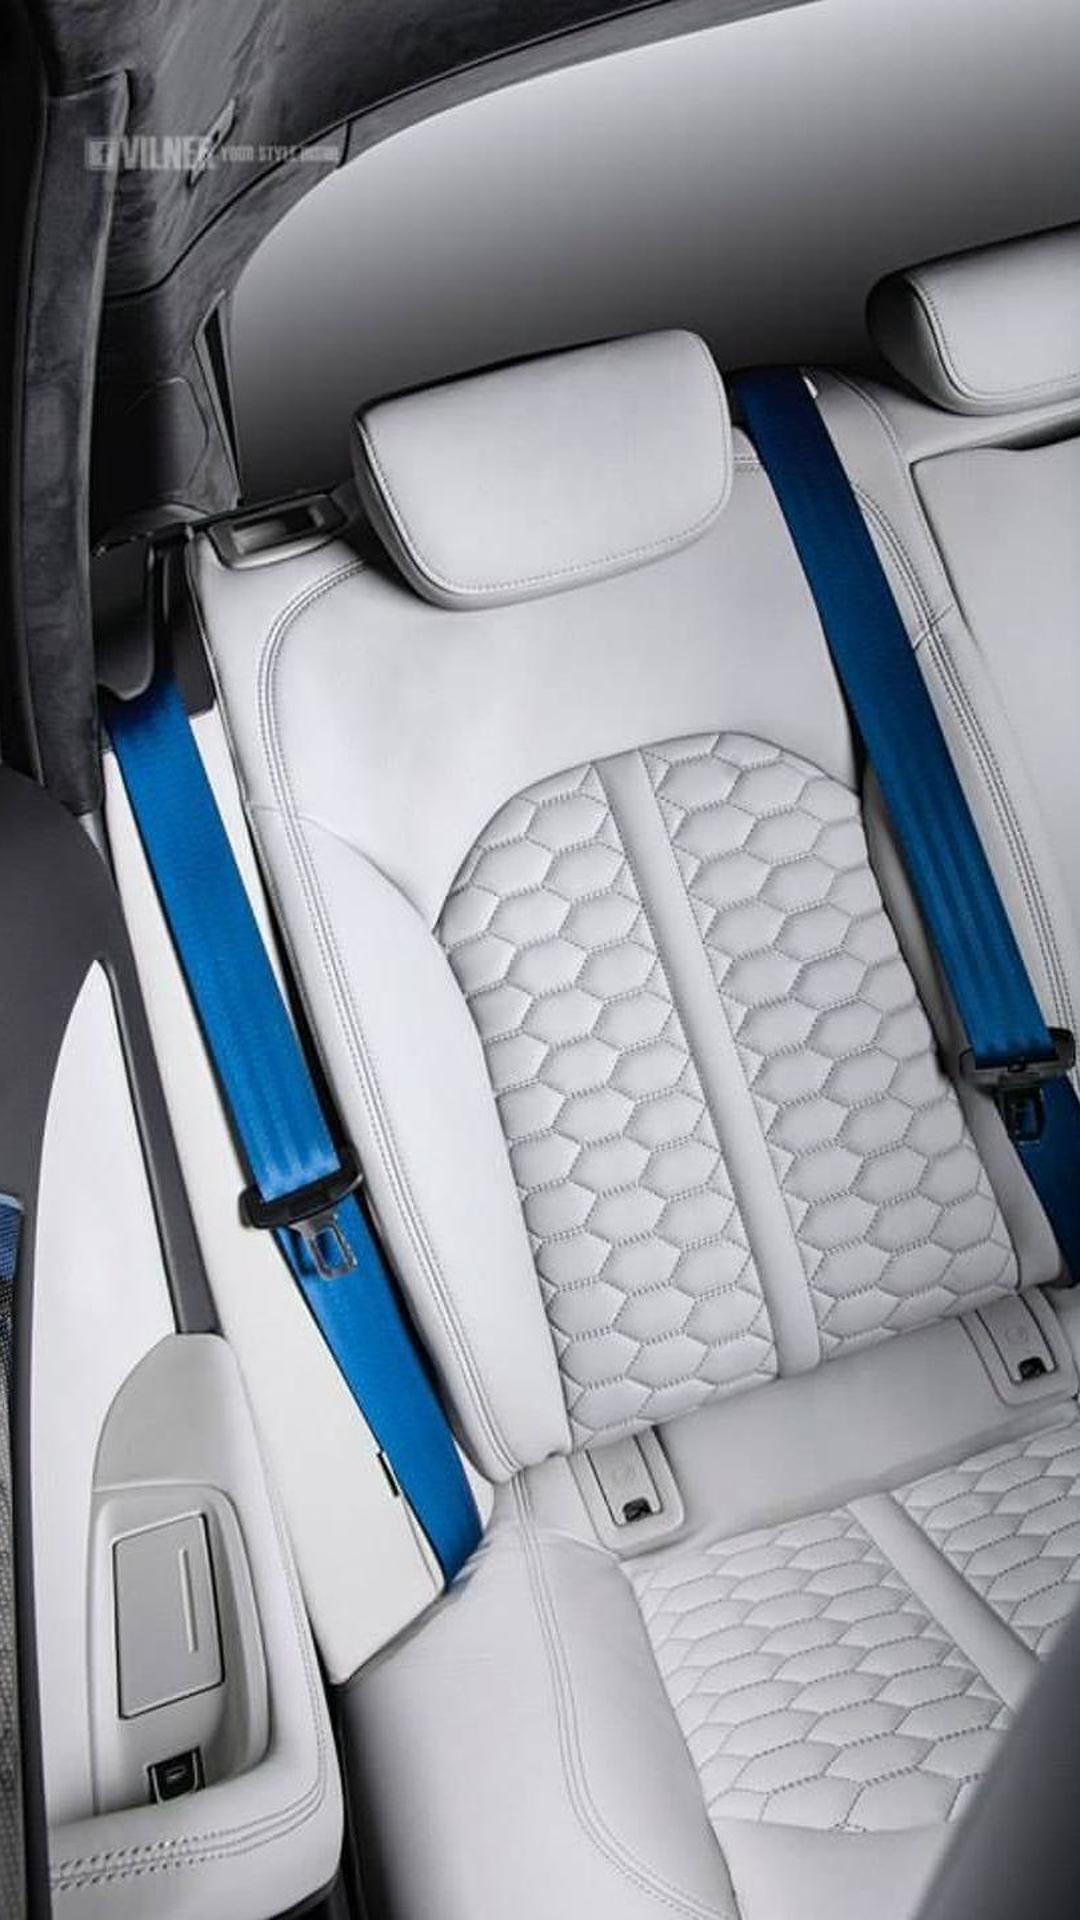 Новая обшивка сидений Audi RS6 Avant от Vilner